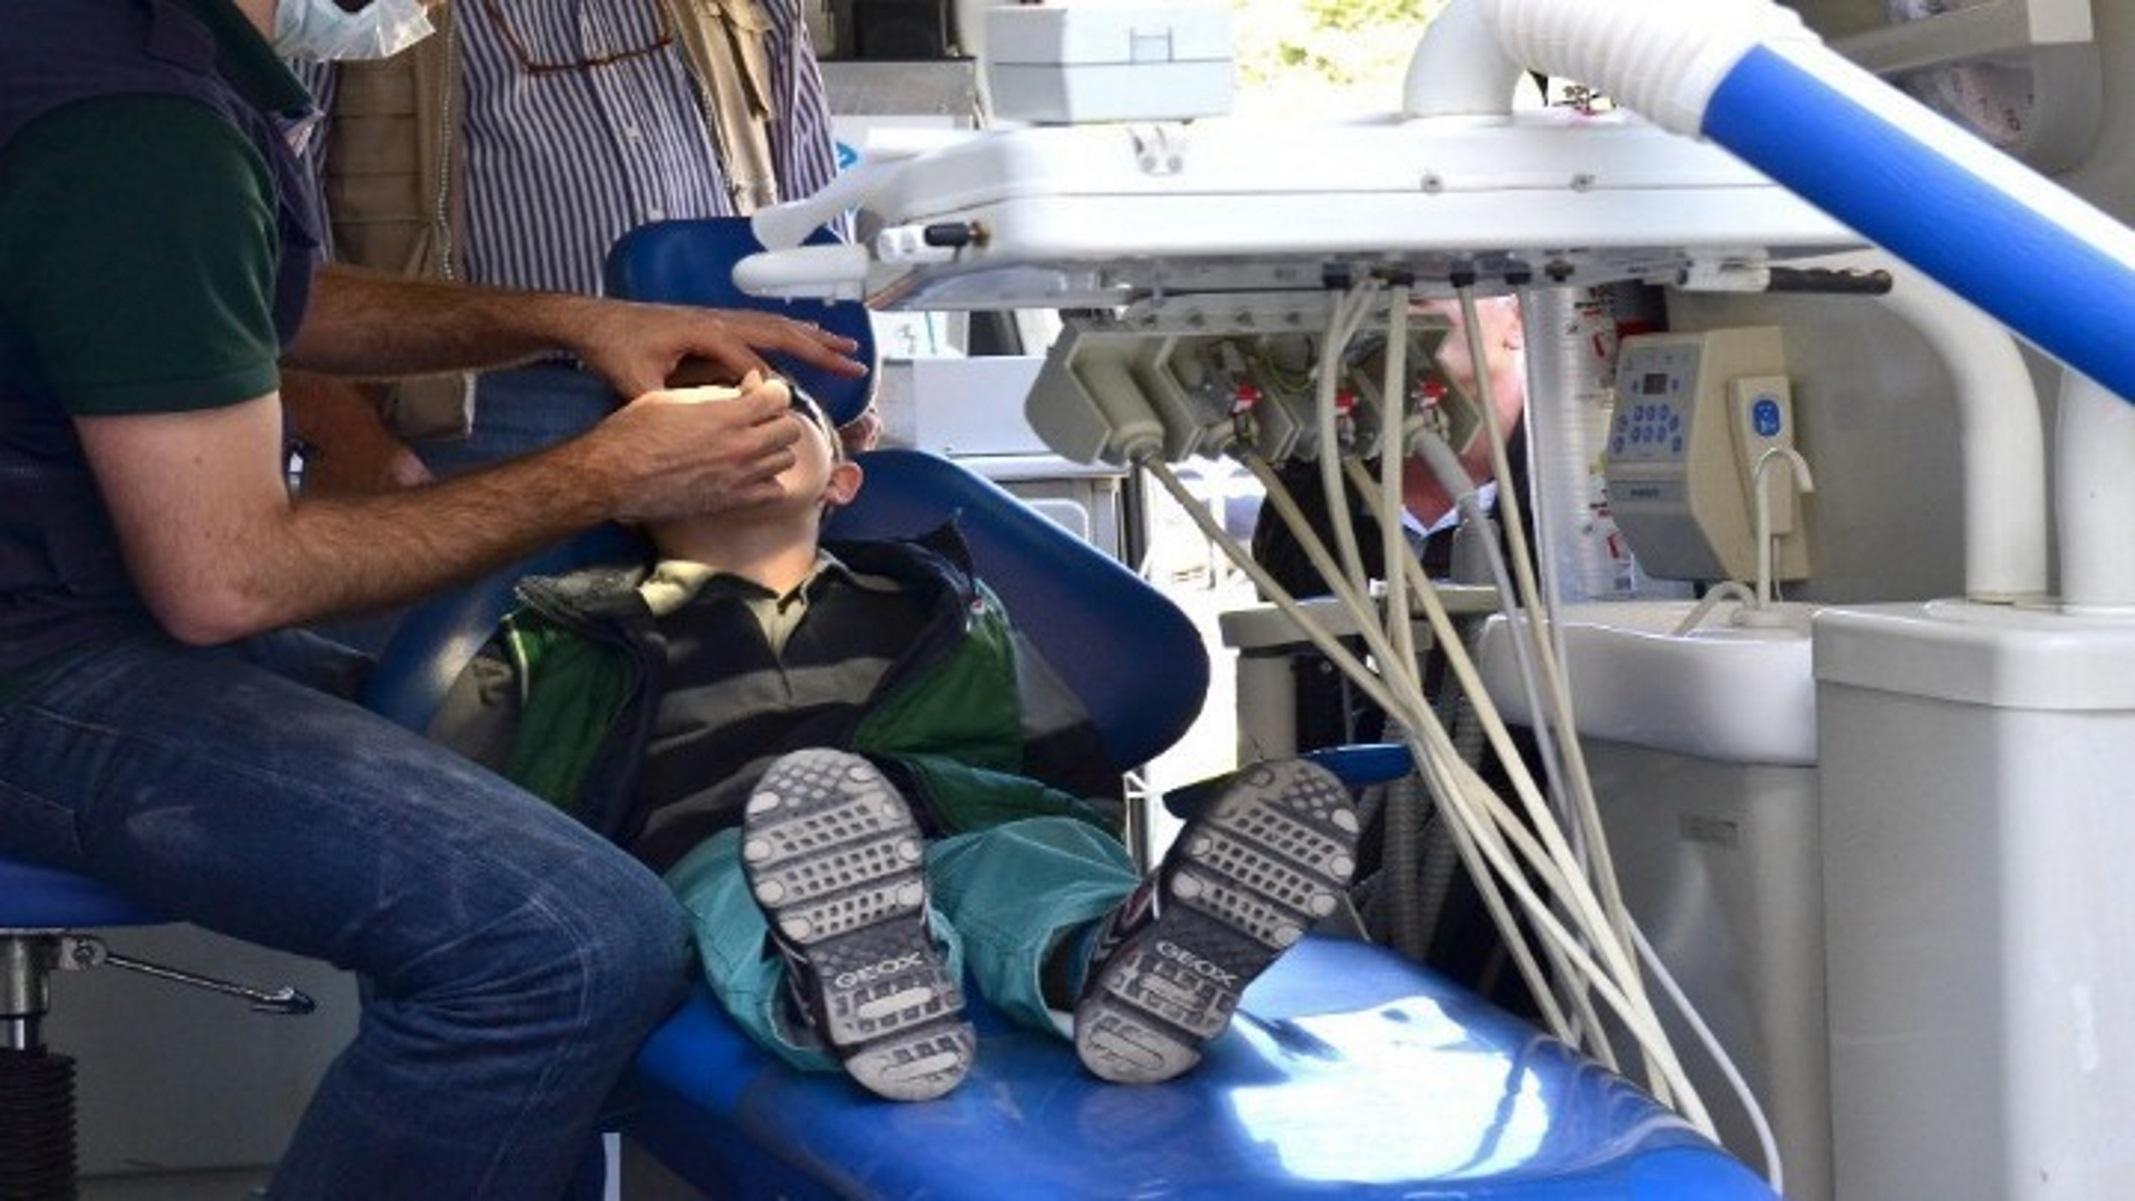 Δήμος Αθηναίων: Πρόγραμμα Προληπτικής Οδοντιατρικής για τα άπορα παιδιά